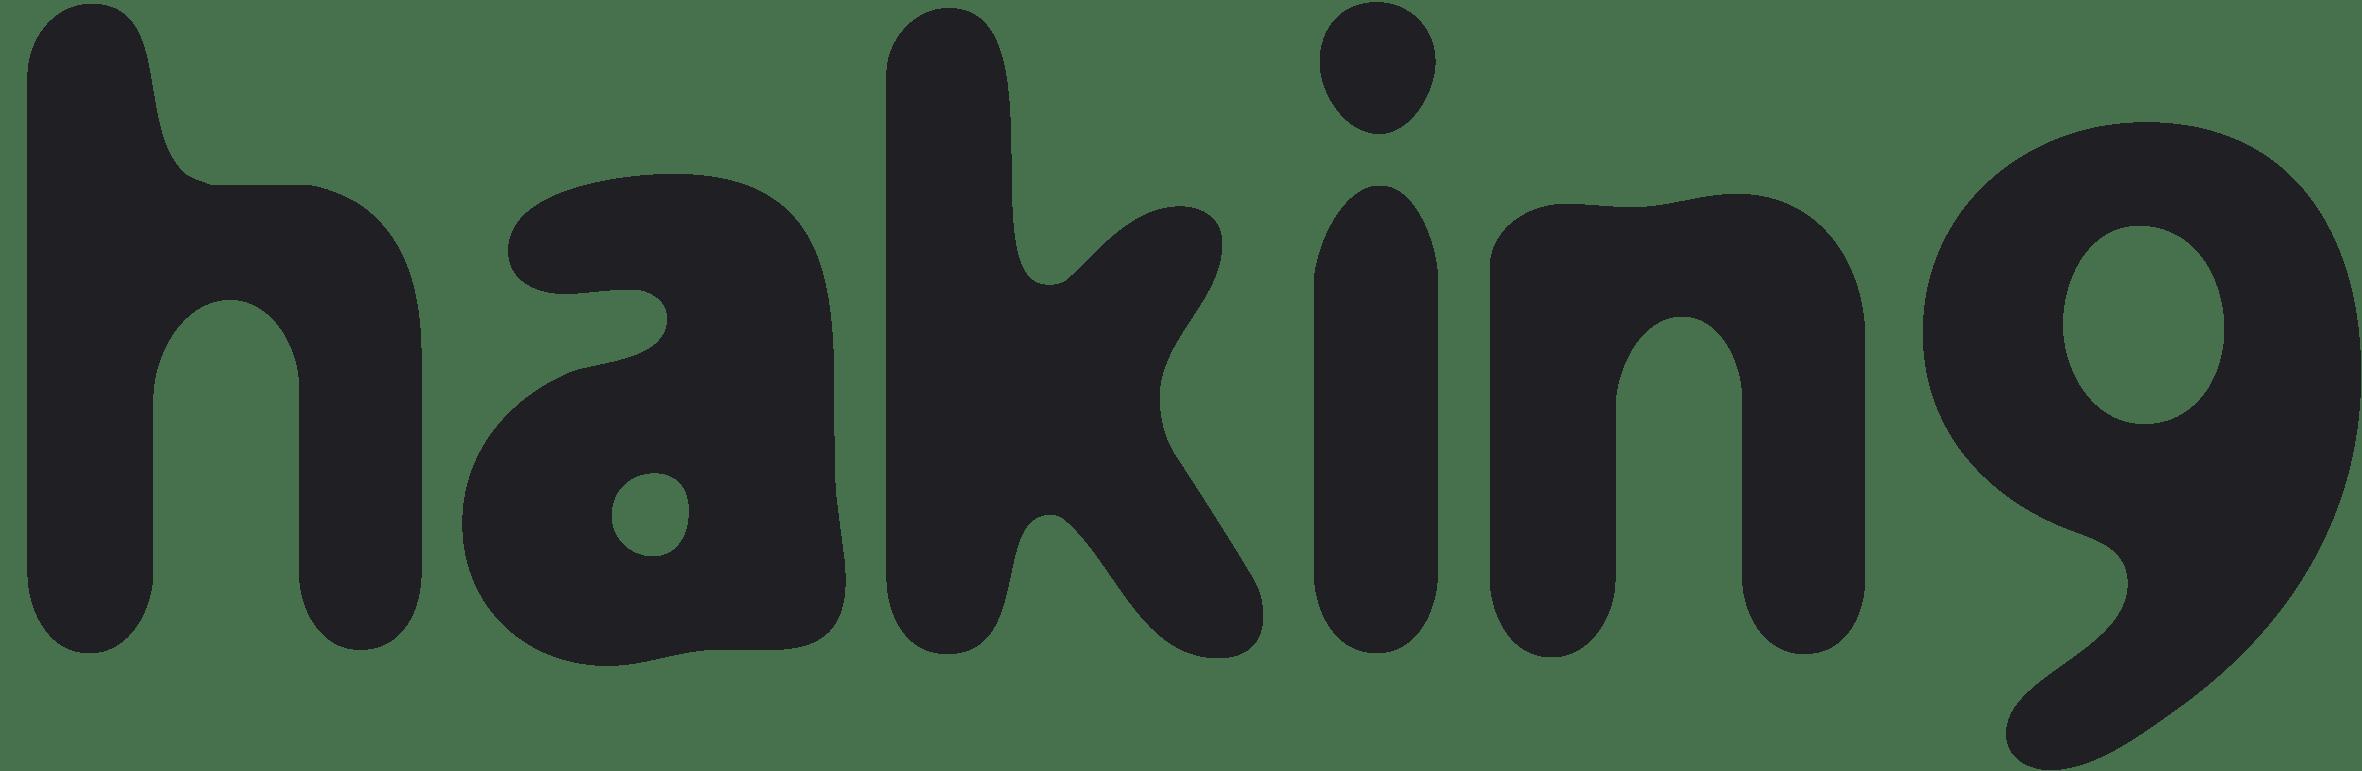 hakin9_logo